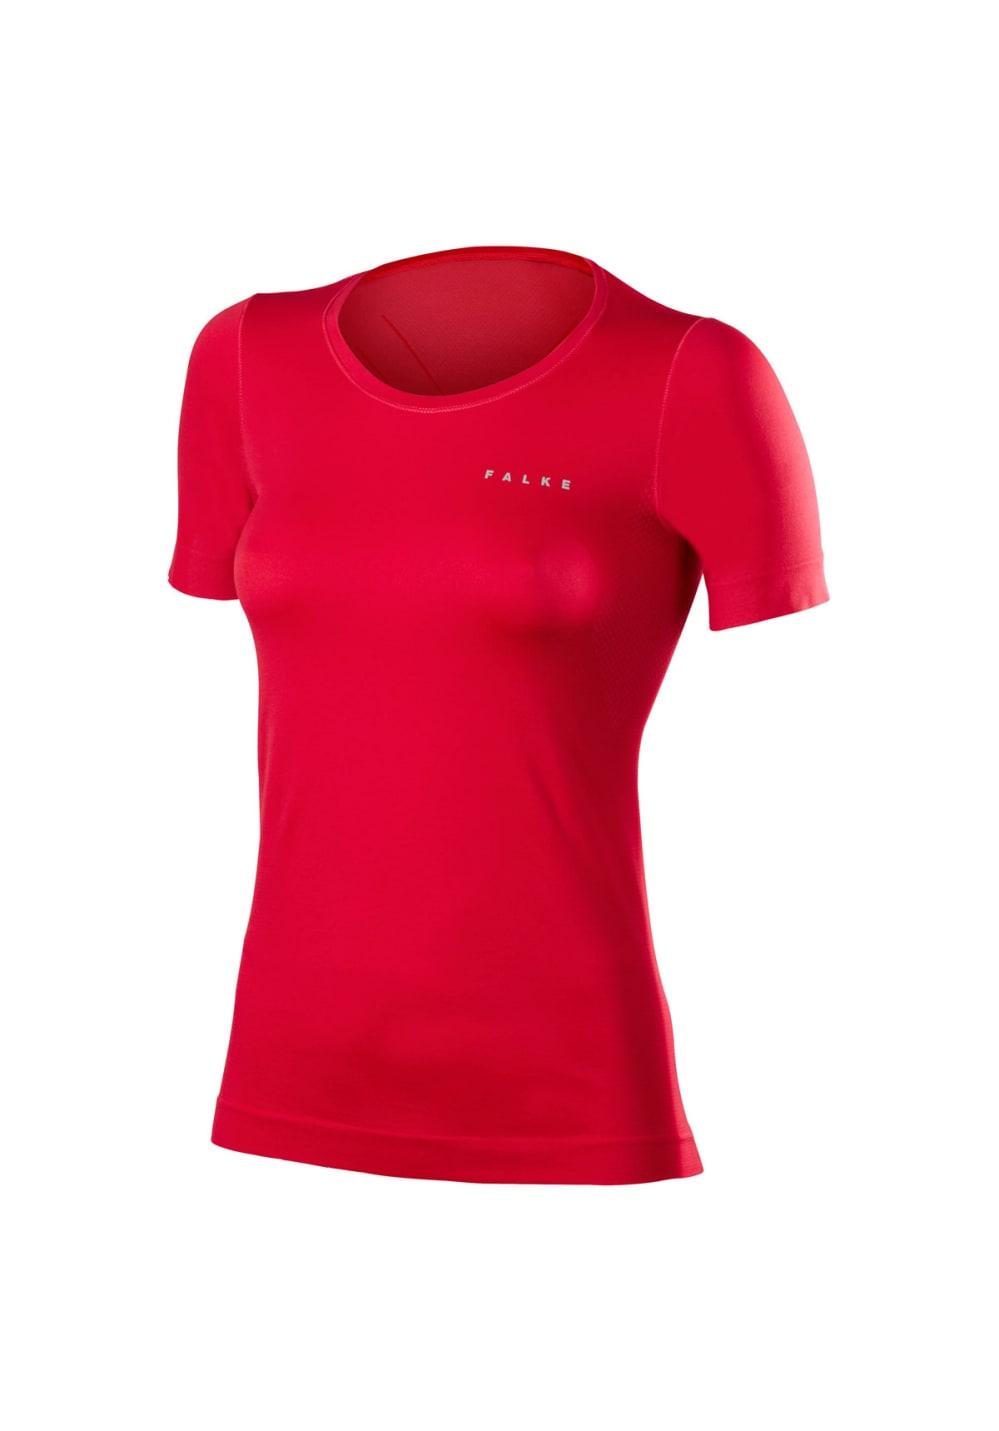 Falke RU Short Sleeve Shirt - Laufshirts für Damen - Rot, Gr. XS